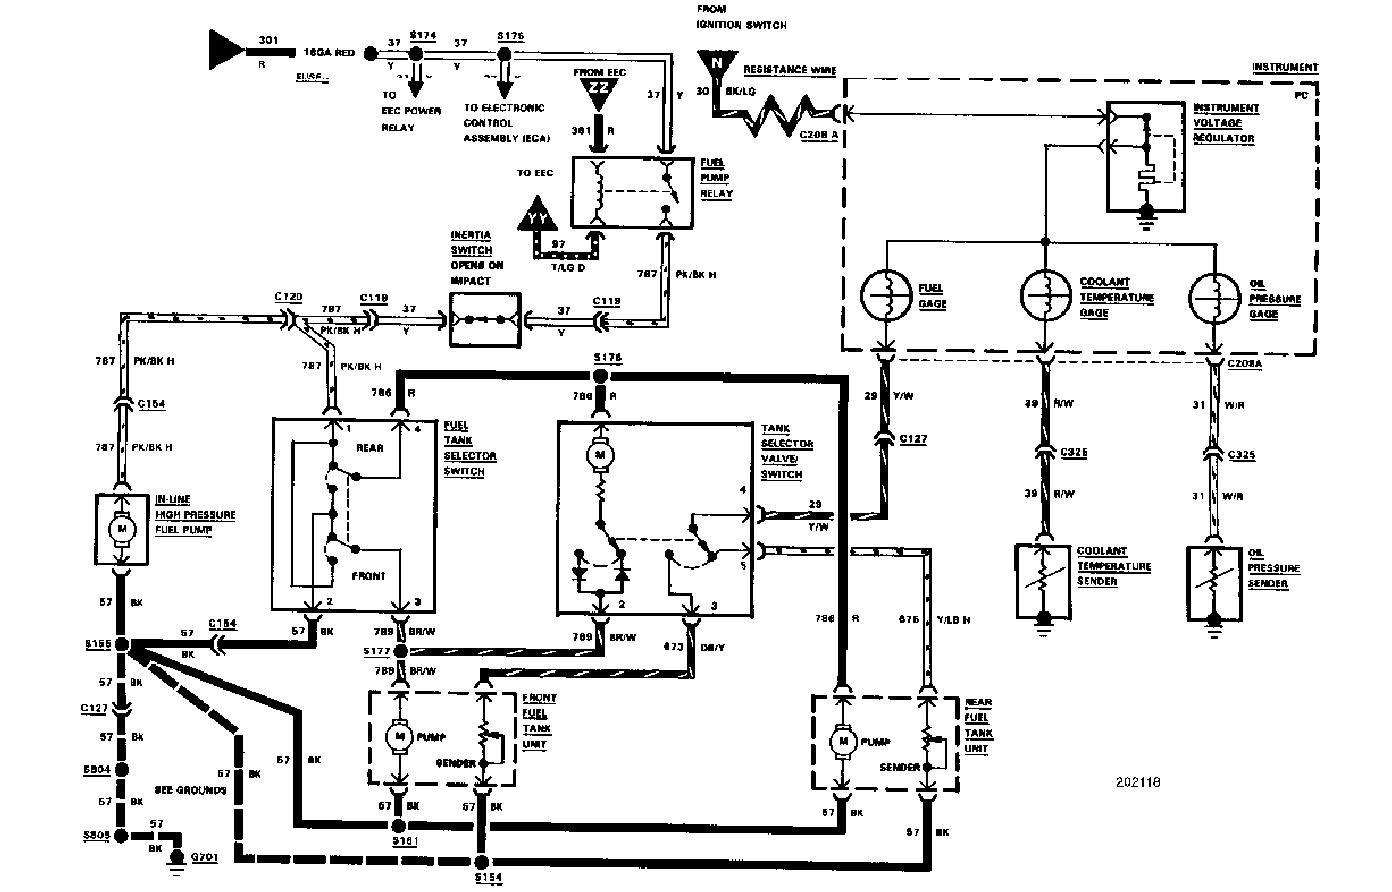 1985 Ford Alternator Wiring Diagram / 85 Ford F 150